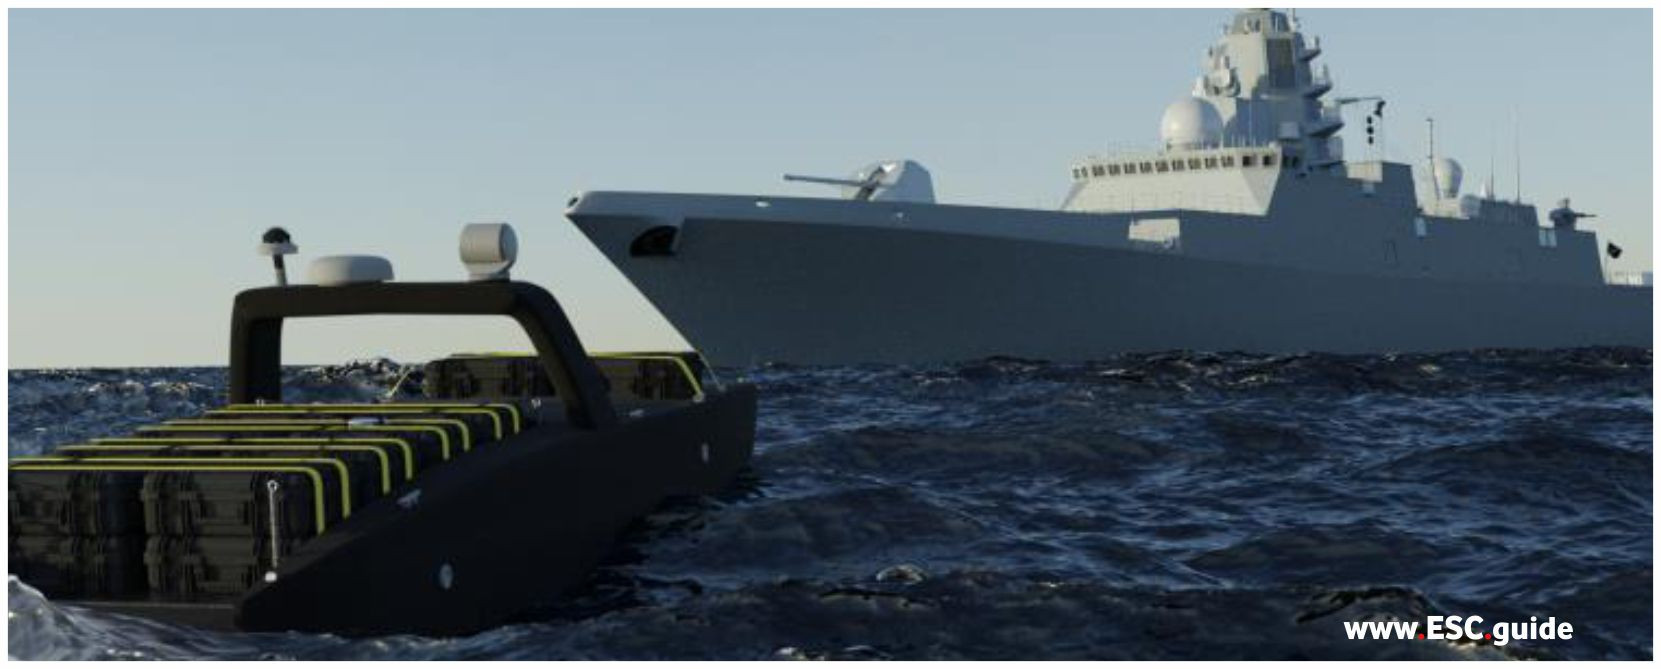 MANTAS approaches the ship.